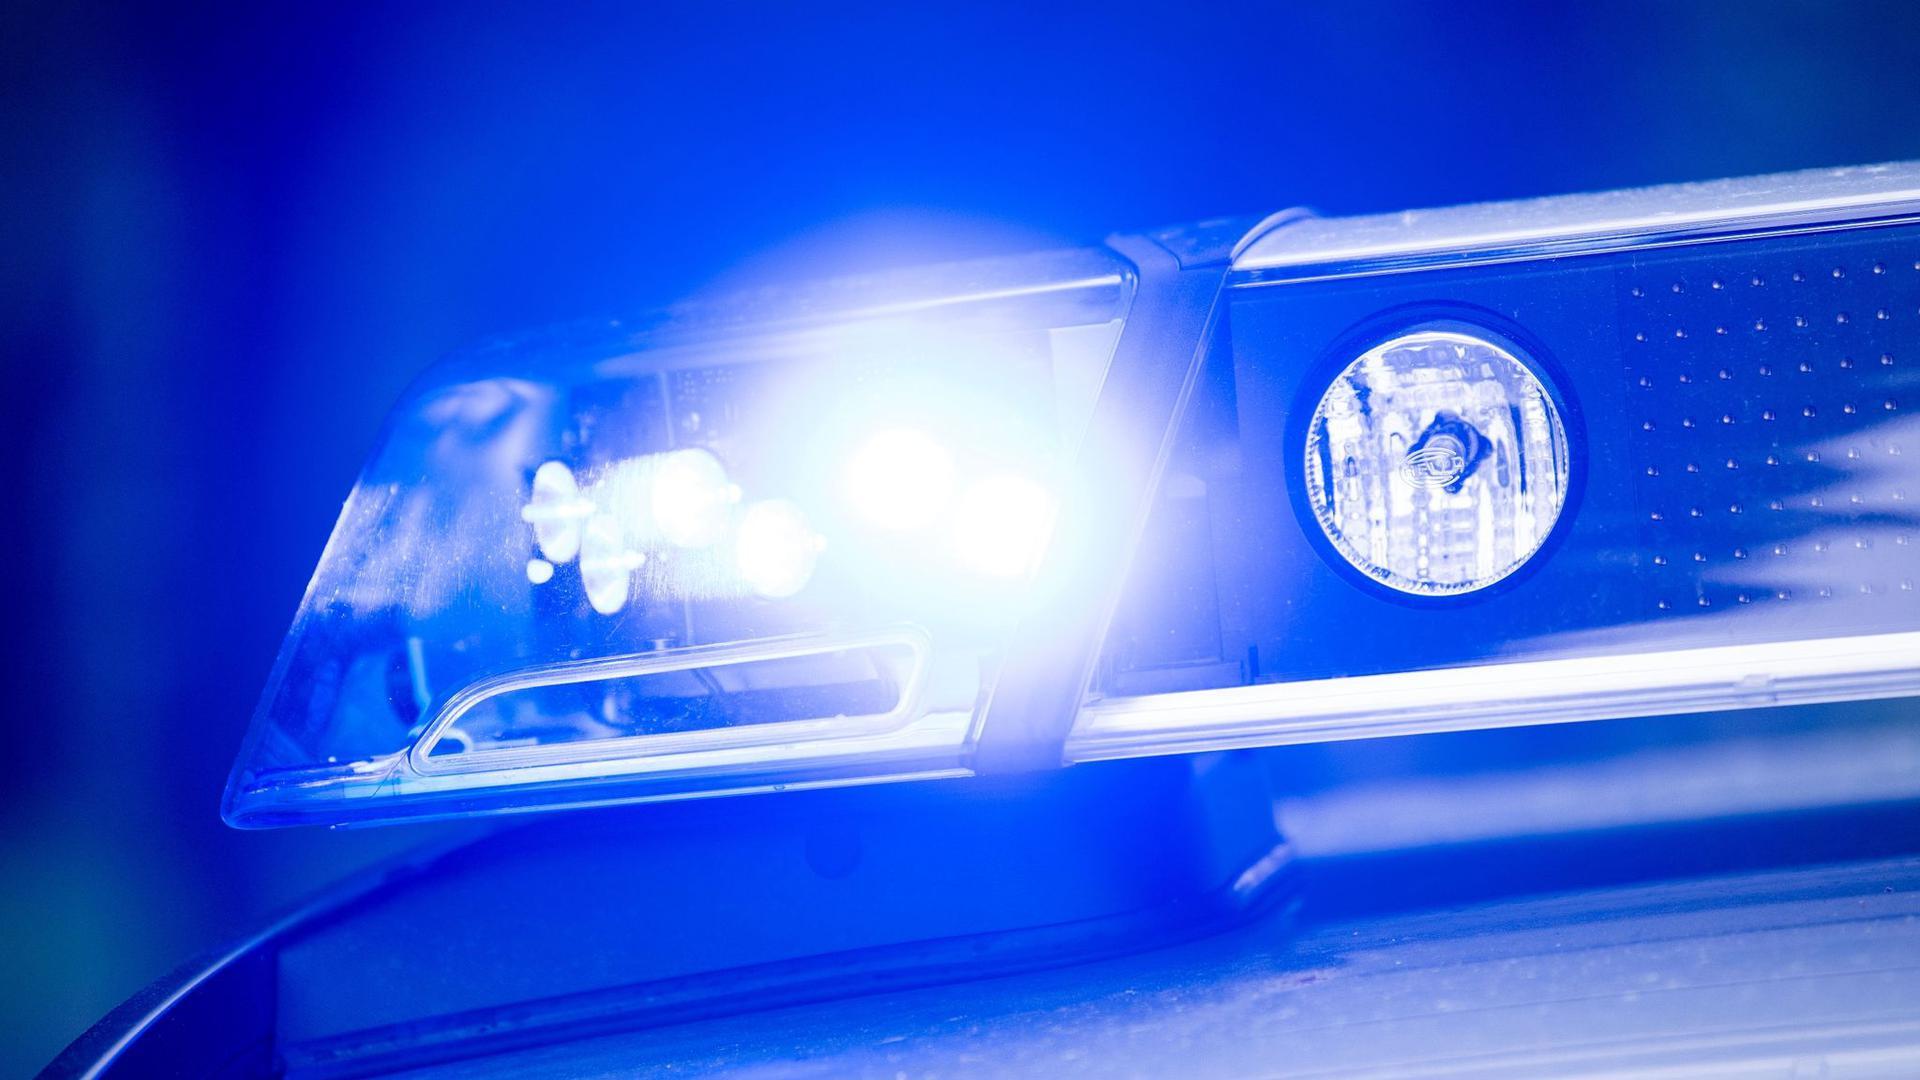 Das Blaulicht auf einem Streifenwagen.